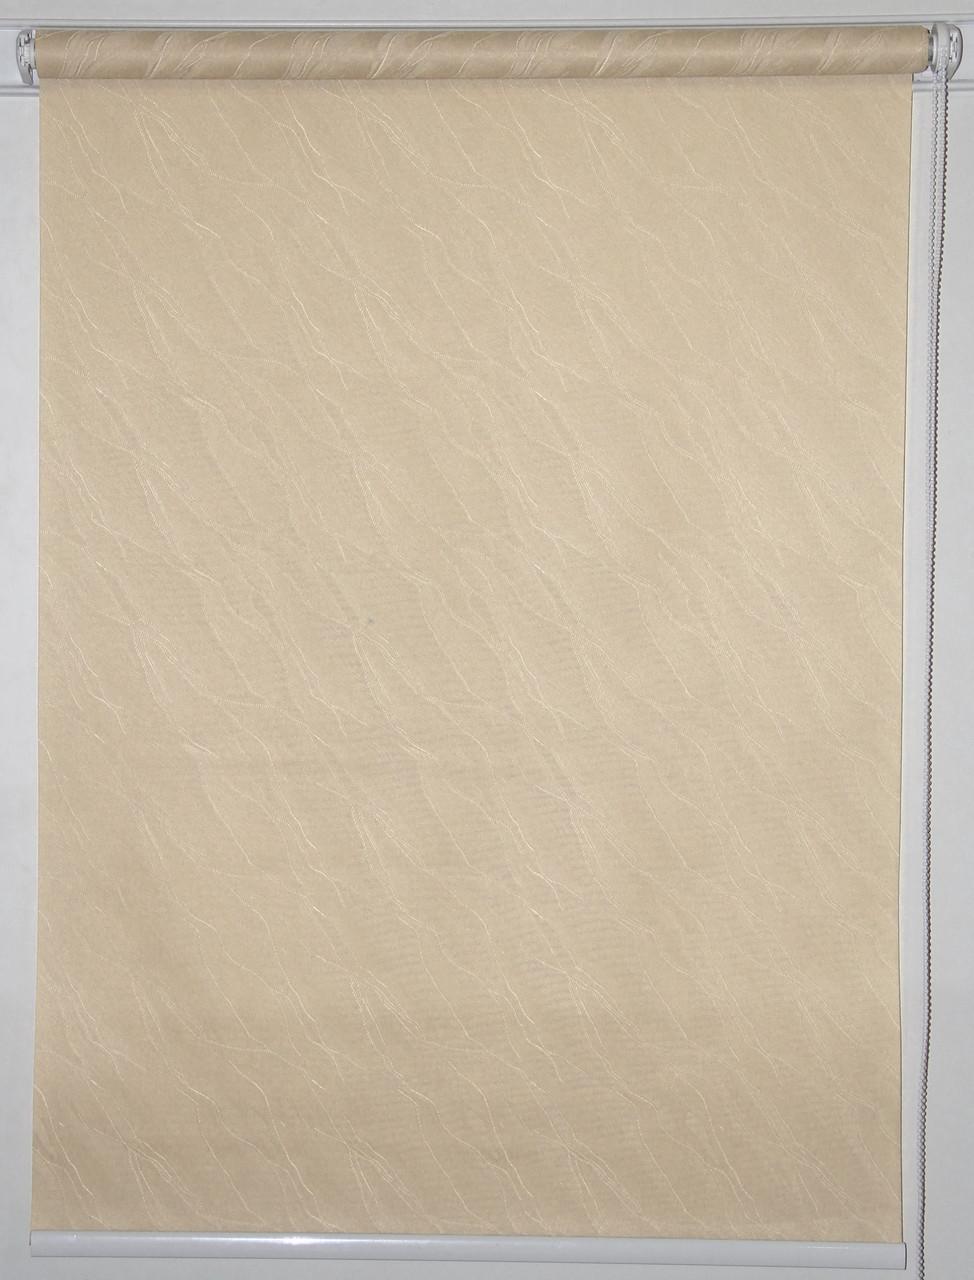 Готовые рулонные шторы 1100*1500 Ткань Вода 1839 Какао